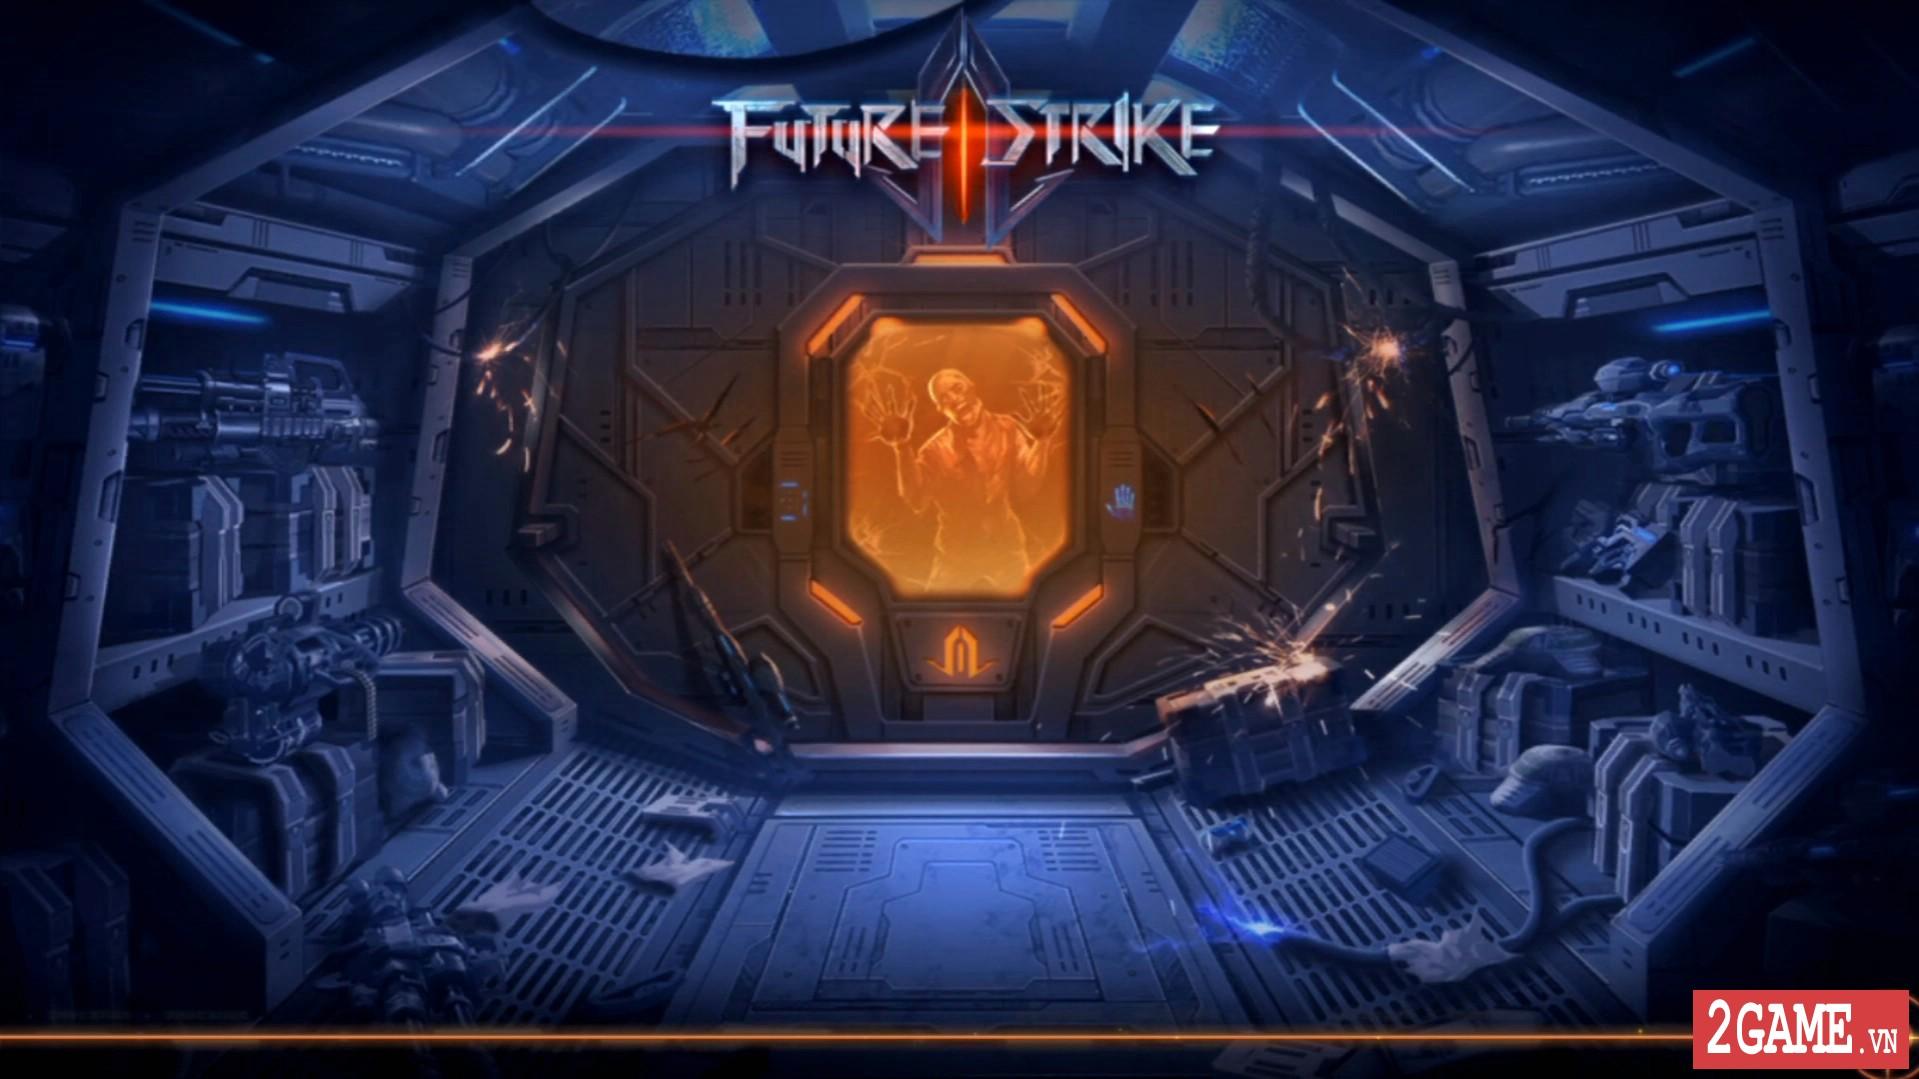 Future Strike - Game bắn súng nhập vai đi cảnh khá hay ho 0